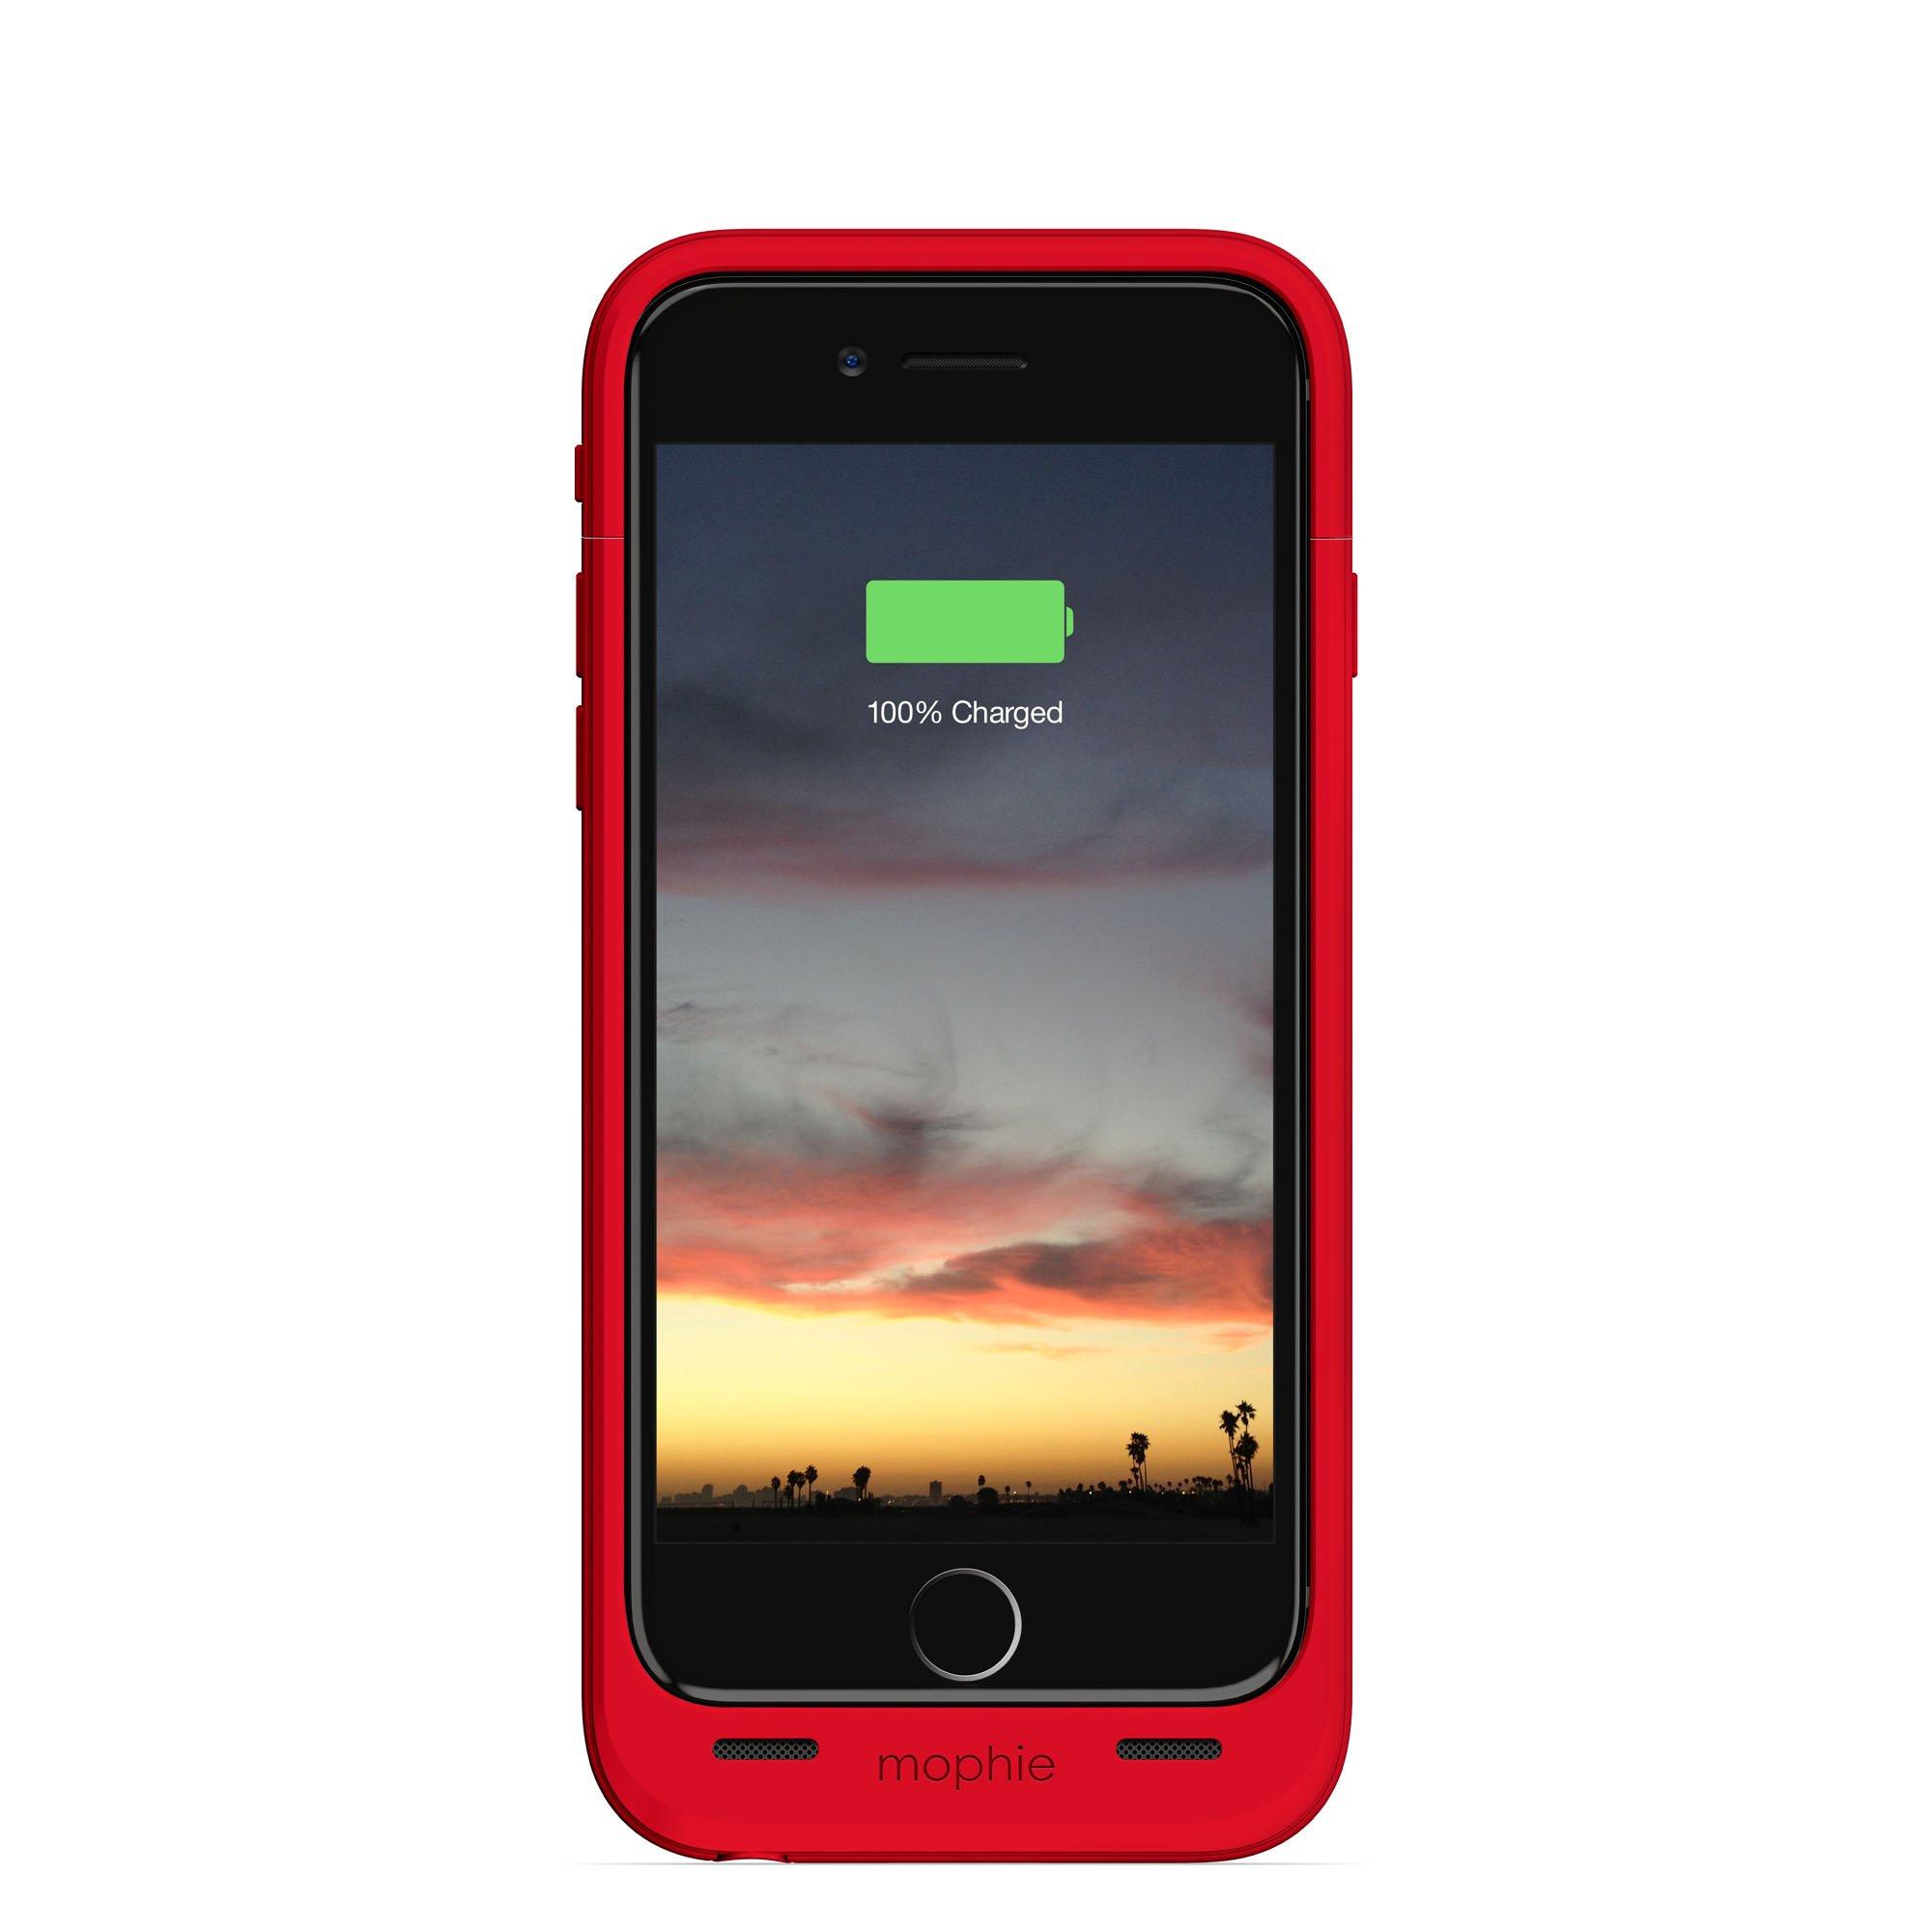 Mophie Juice Pack Plus Recargable batería Externa de Funda (2,750 mAh) para Apple iPhone 6 Rojo: Amazon.es: Electrónica